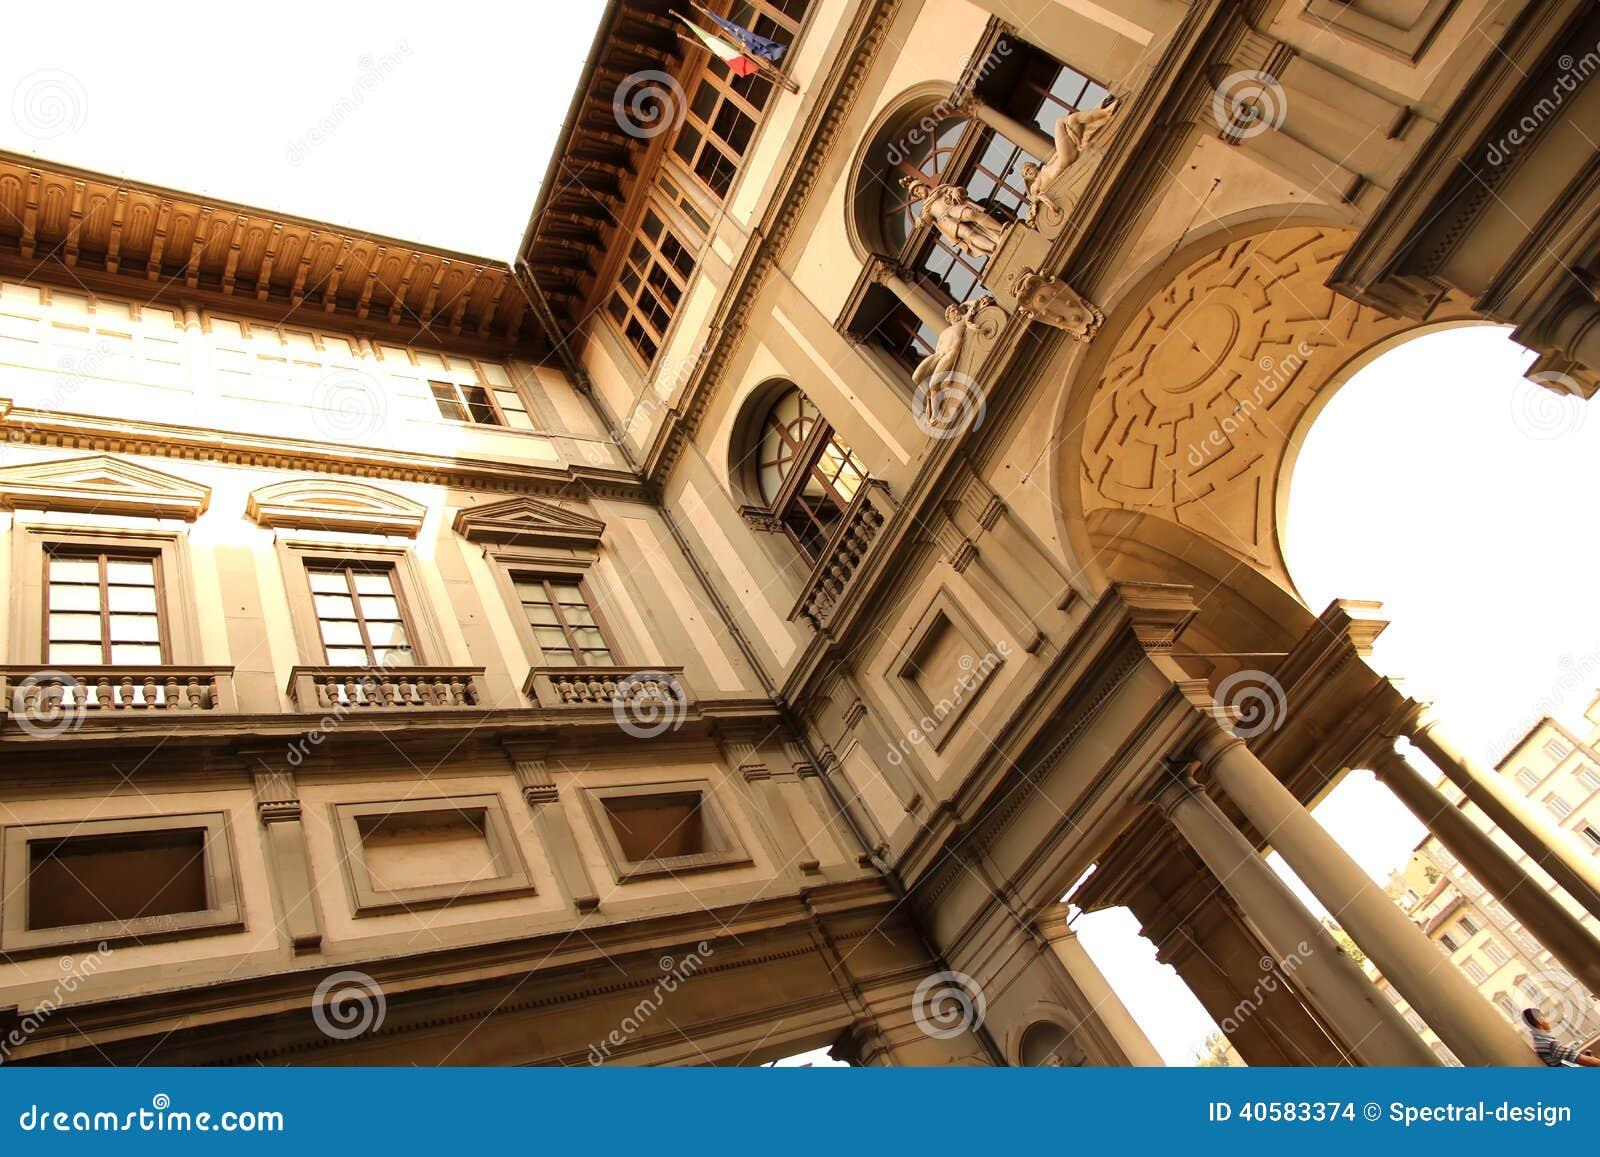 Degli Uffizi Piazzale